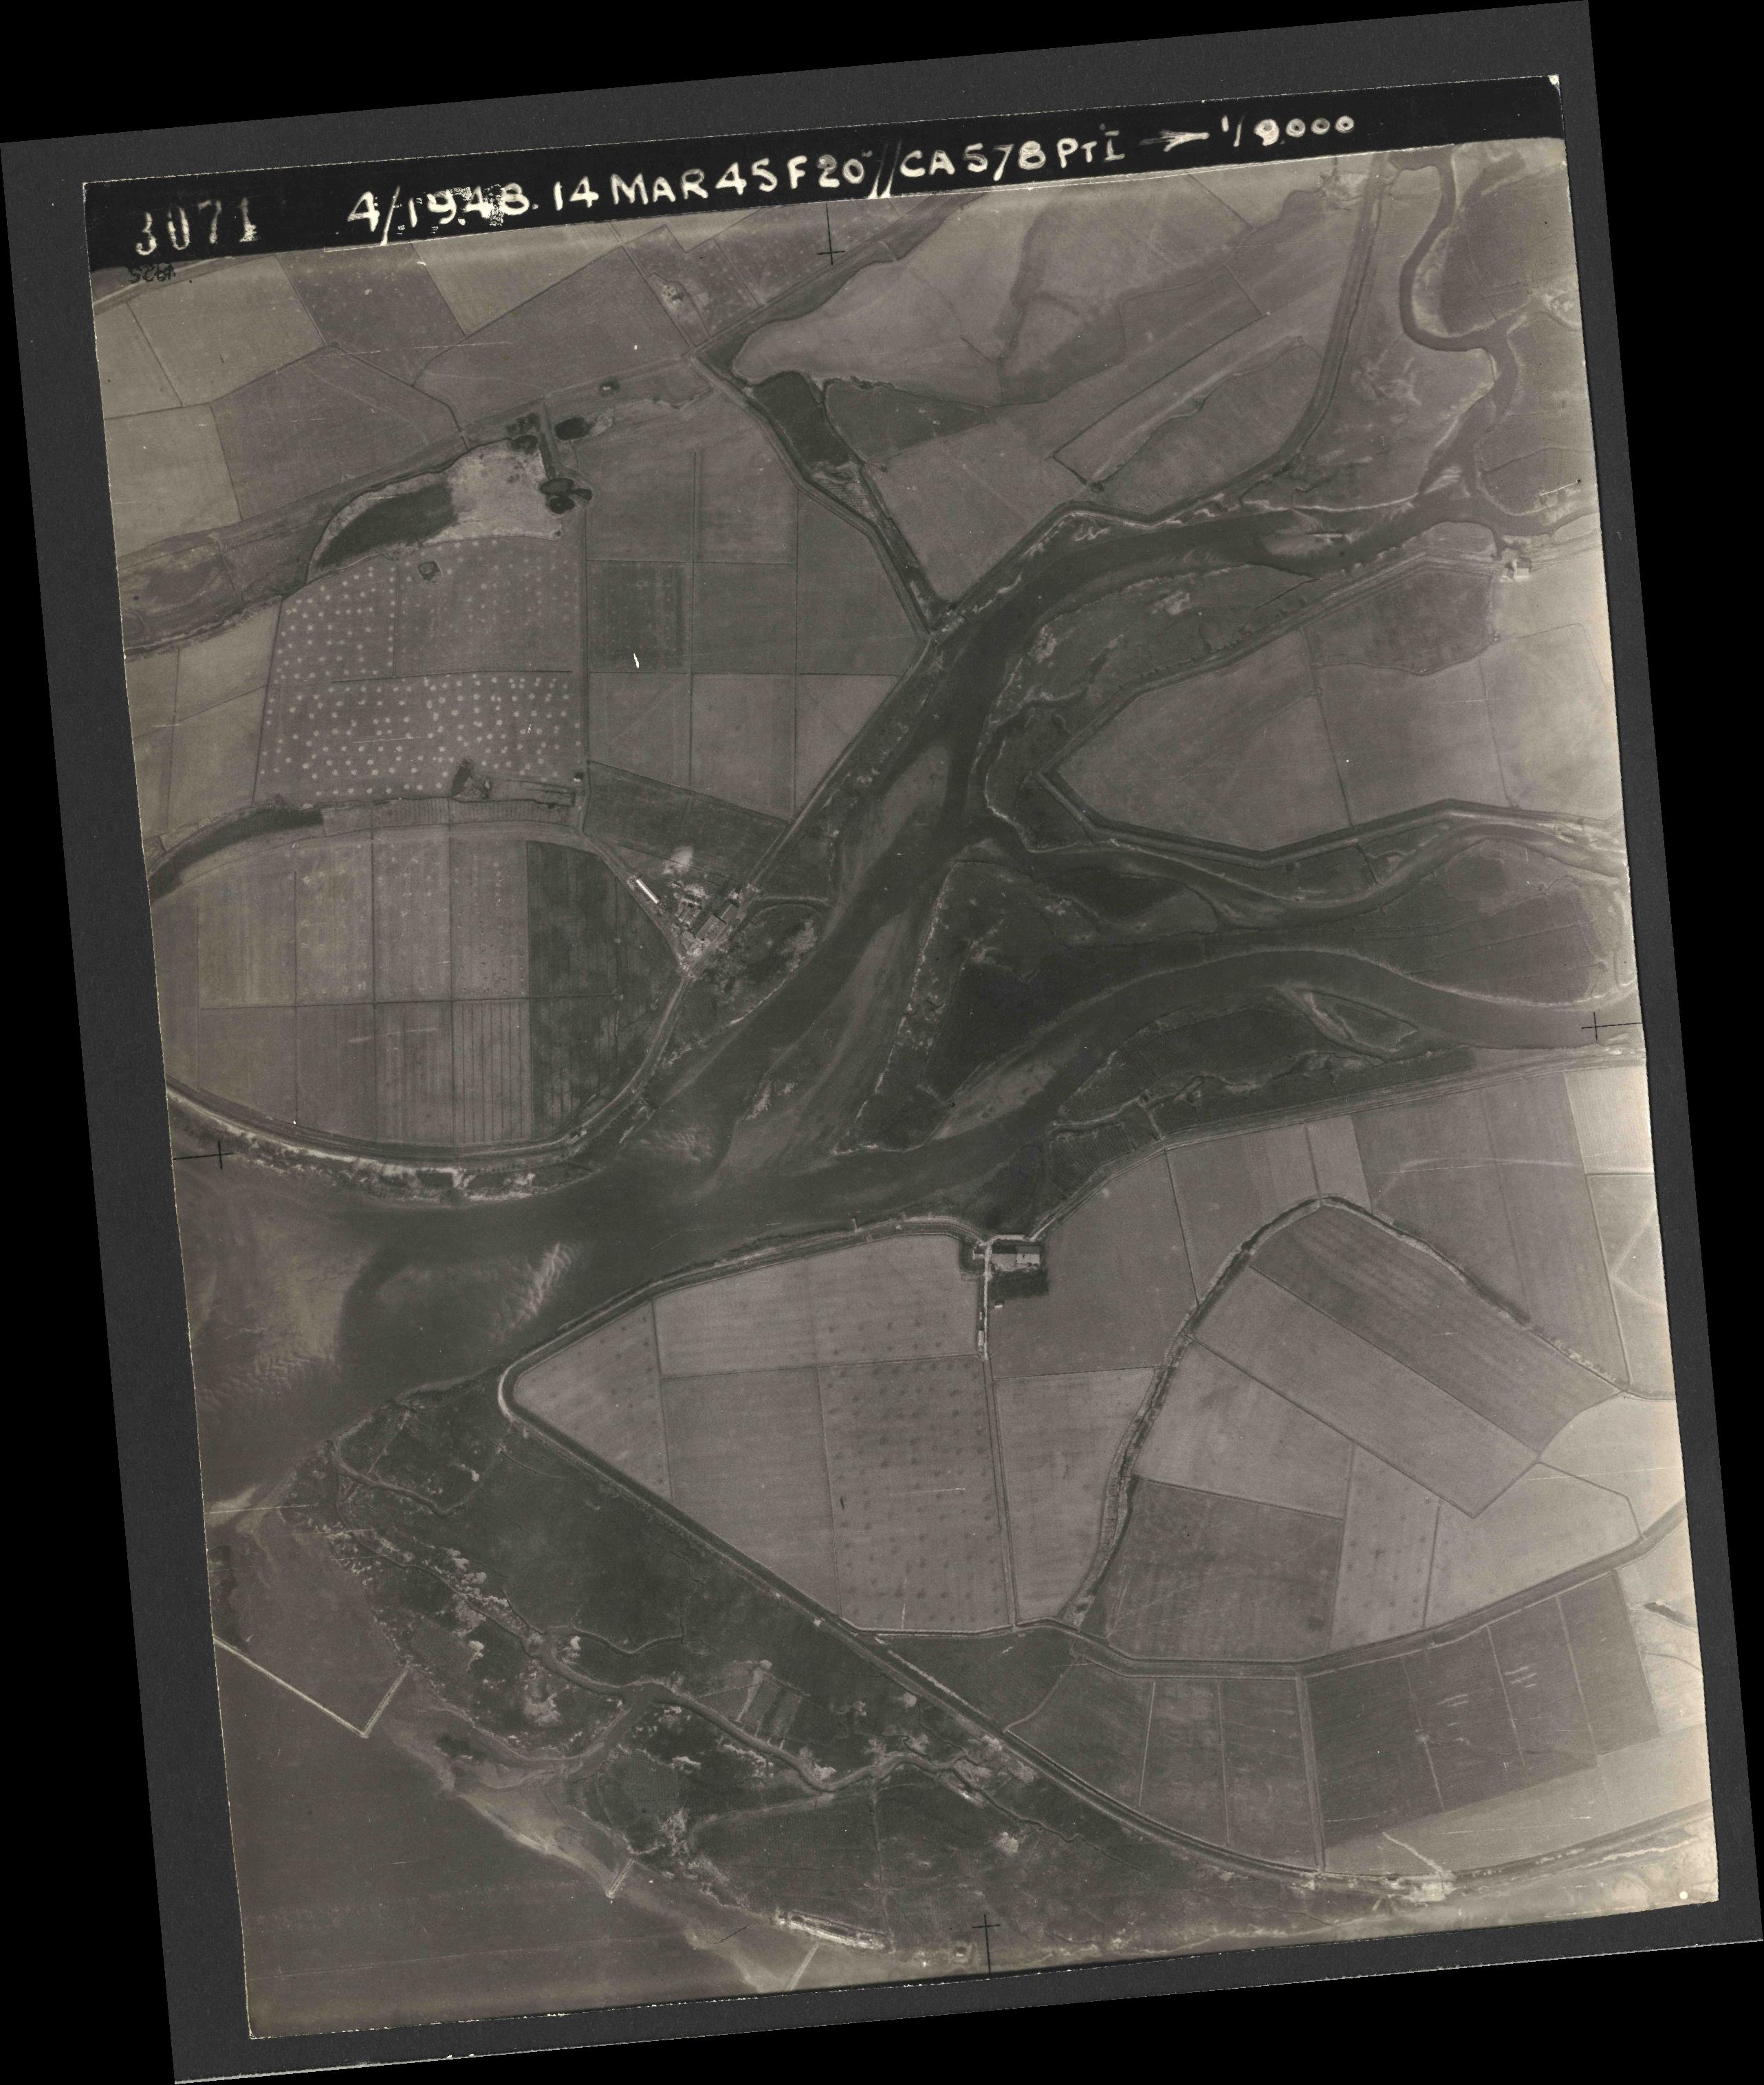 Collection RAF aerial photos 1940-1945 - flight 095, run 05, photo 3071